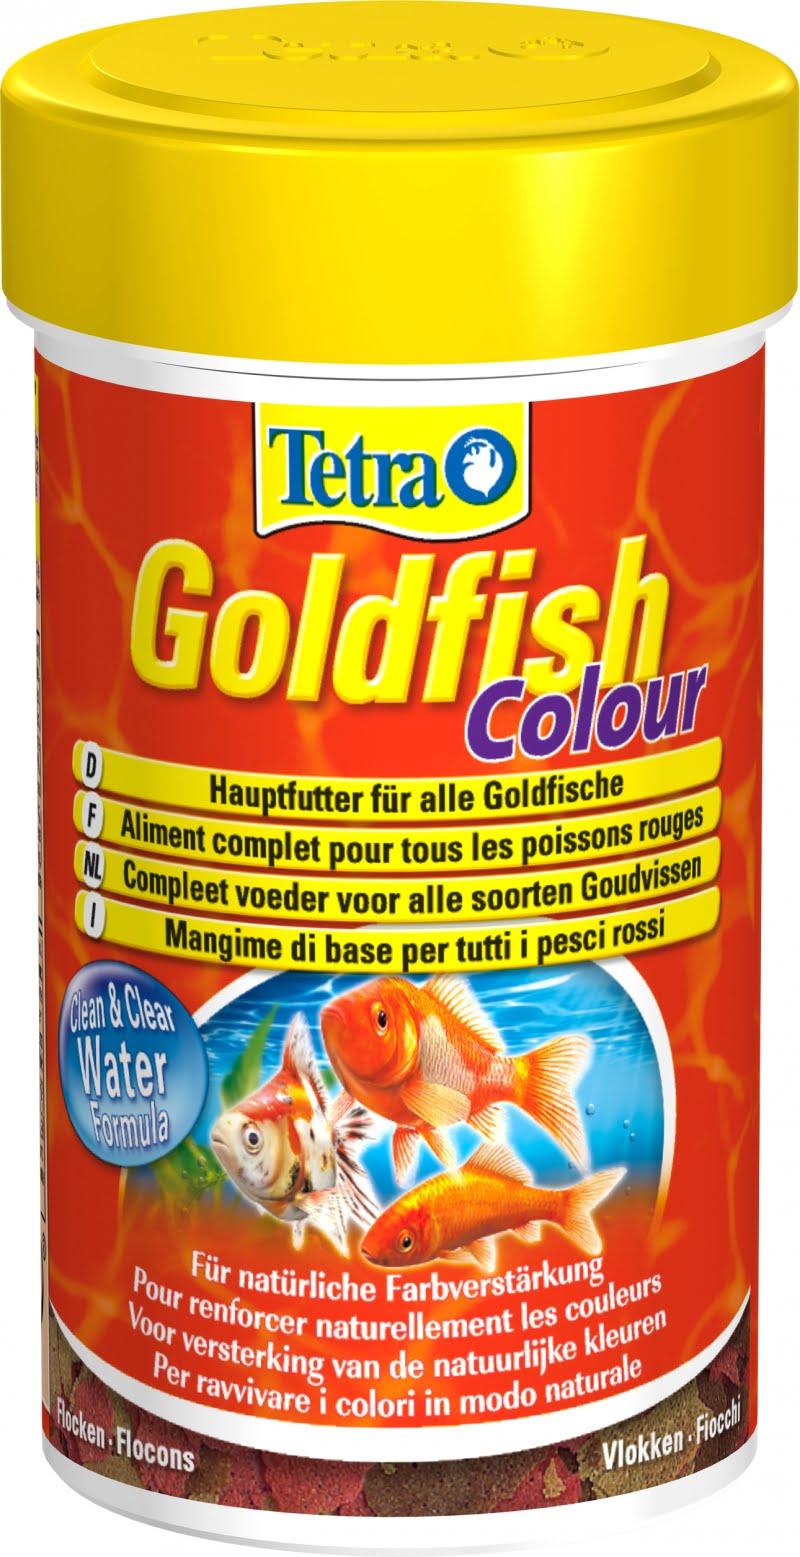 Tetra Goldfish Colour Vlokken 250ml